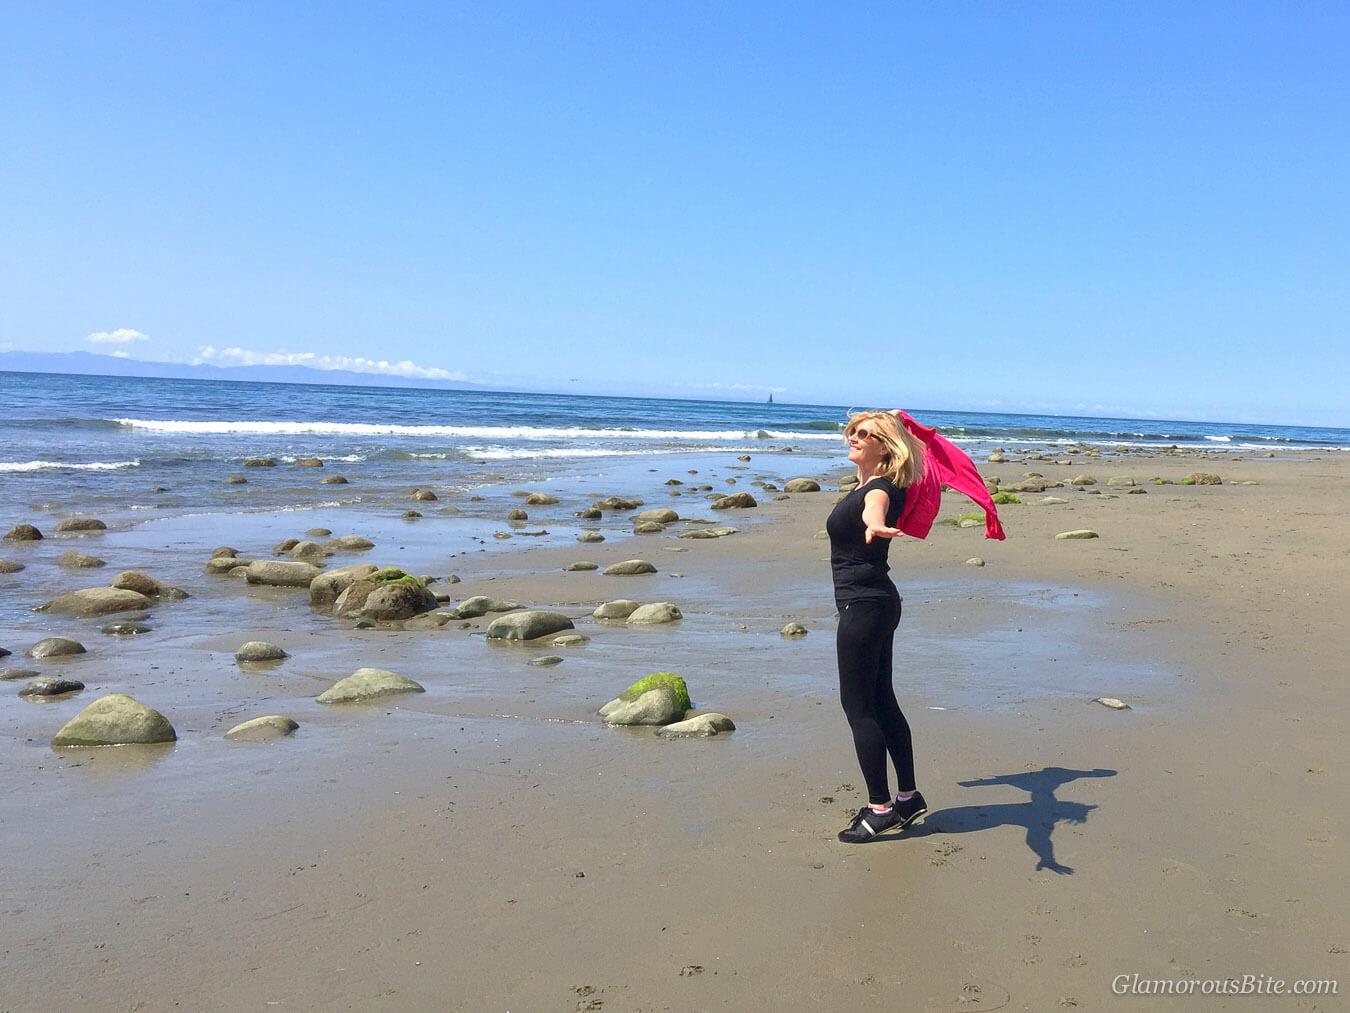 Judit Santa Barbara Butterfly Beach